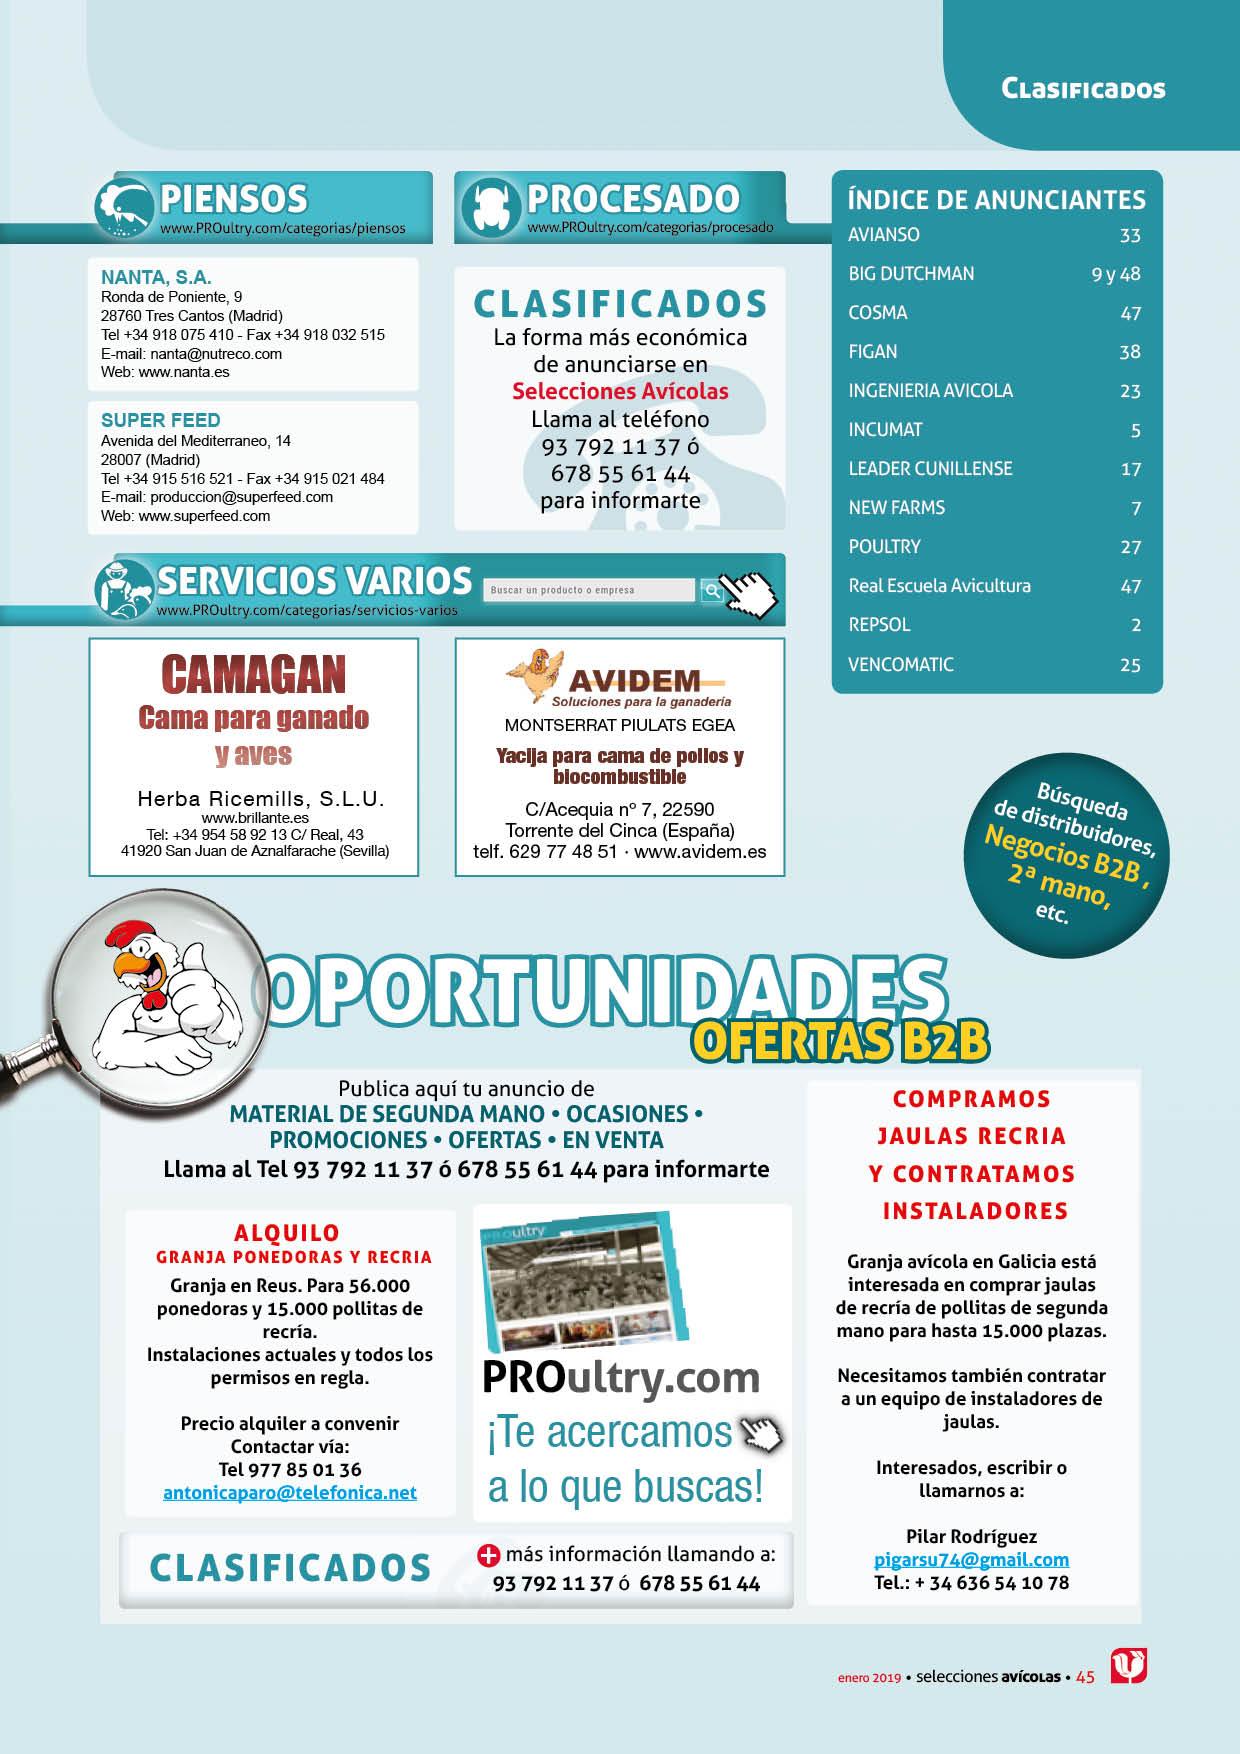 0119_Clasificados5.jpg